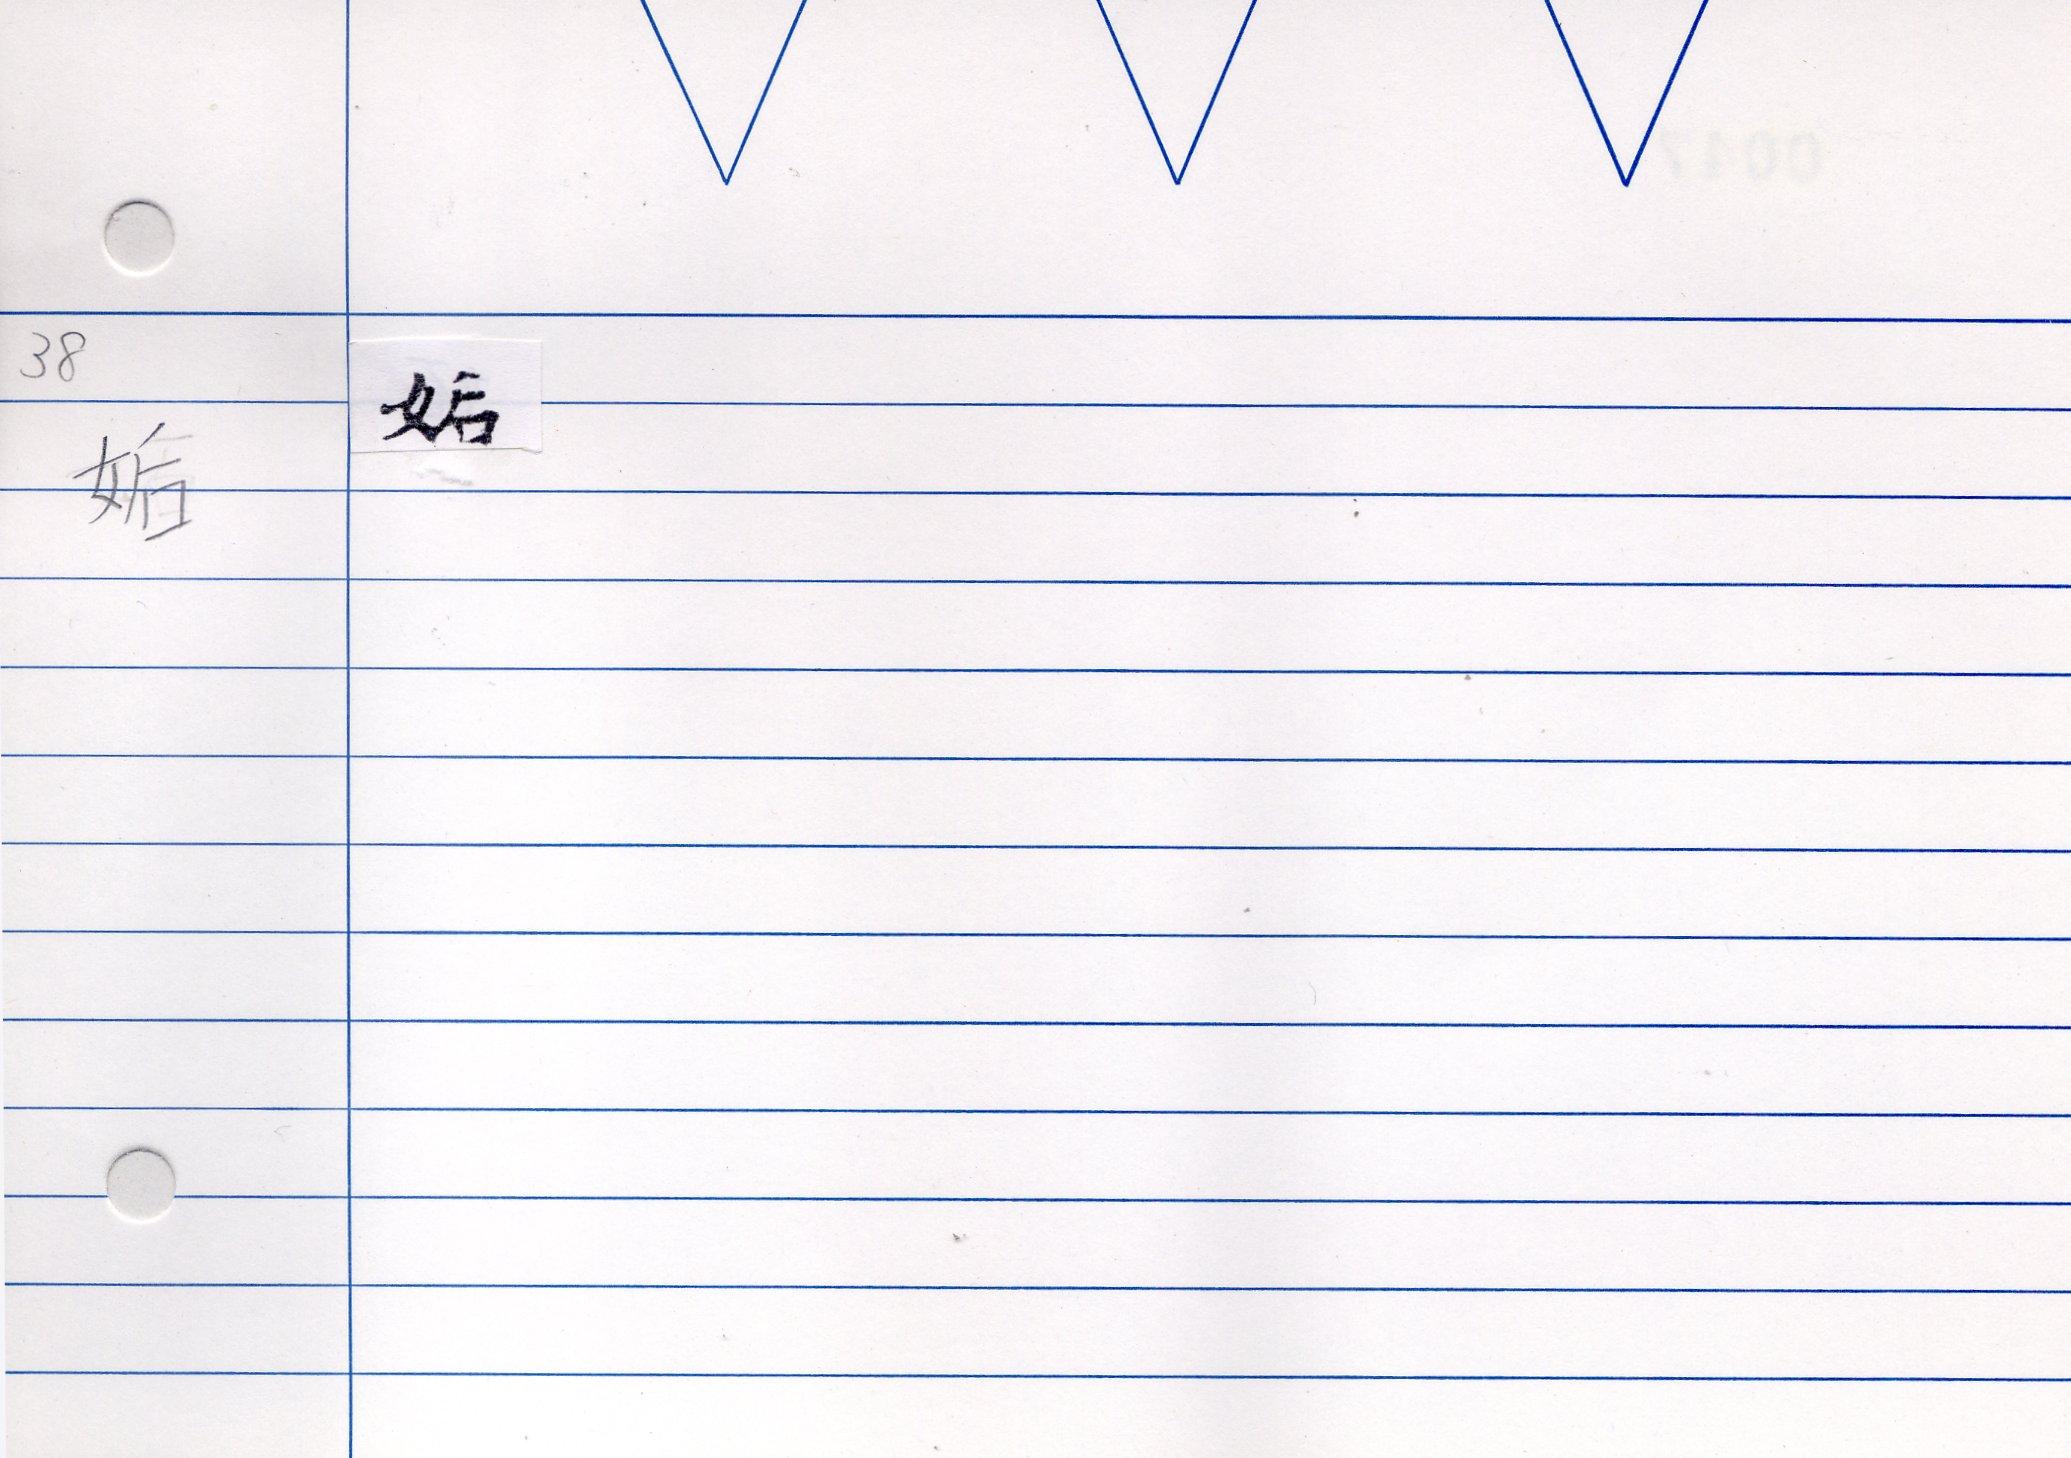 13_妙法蓮華經卷八(S.2577)/cards/0047.jpg